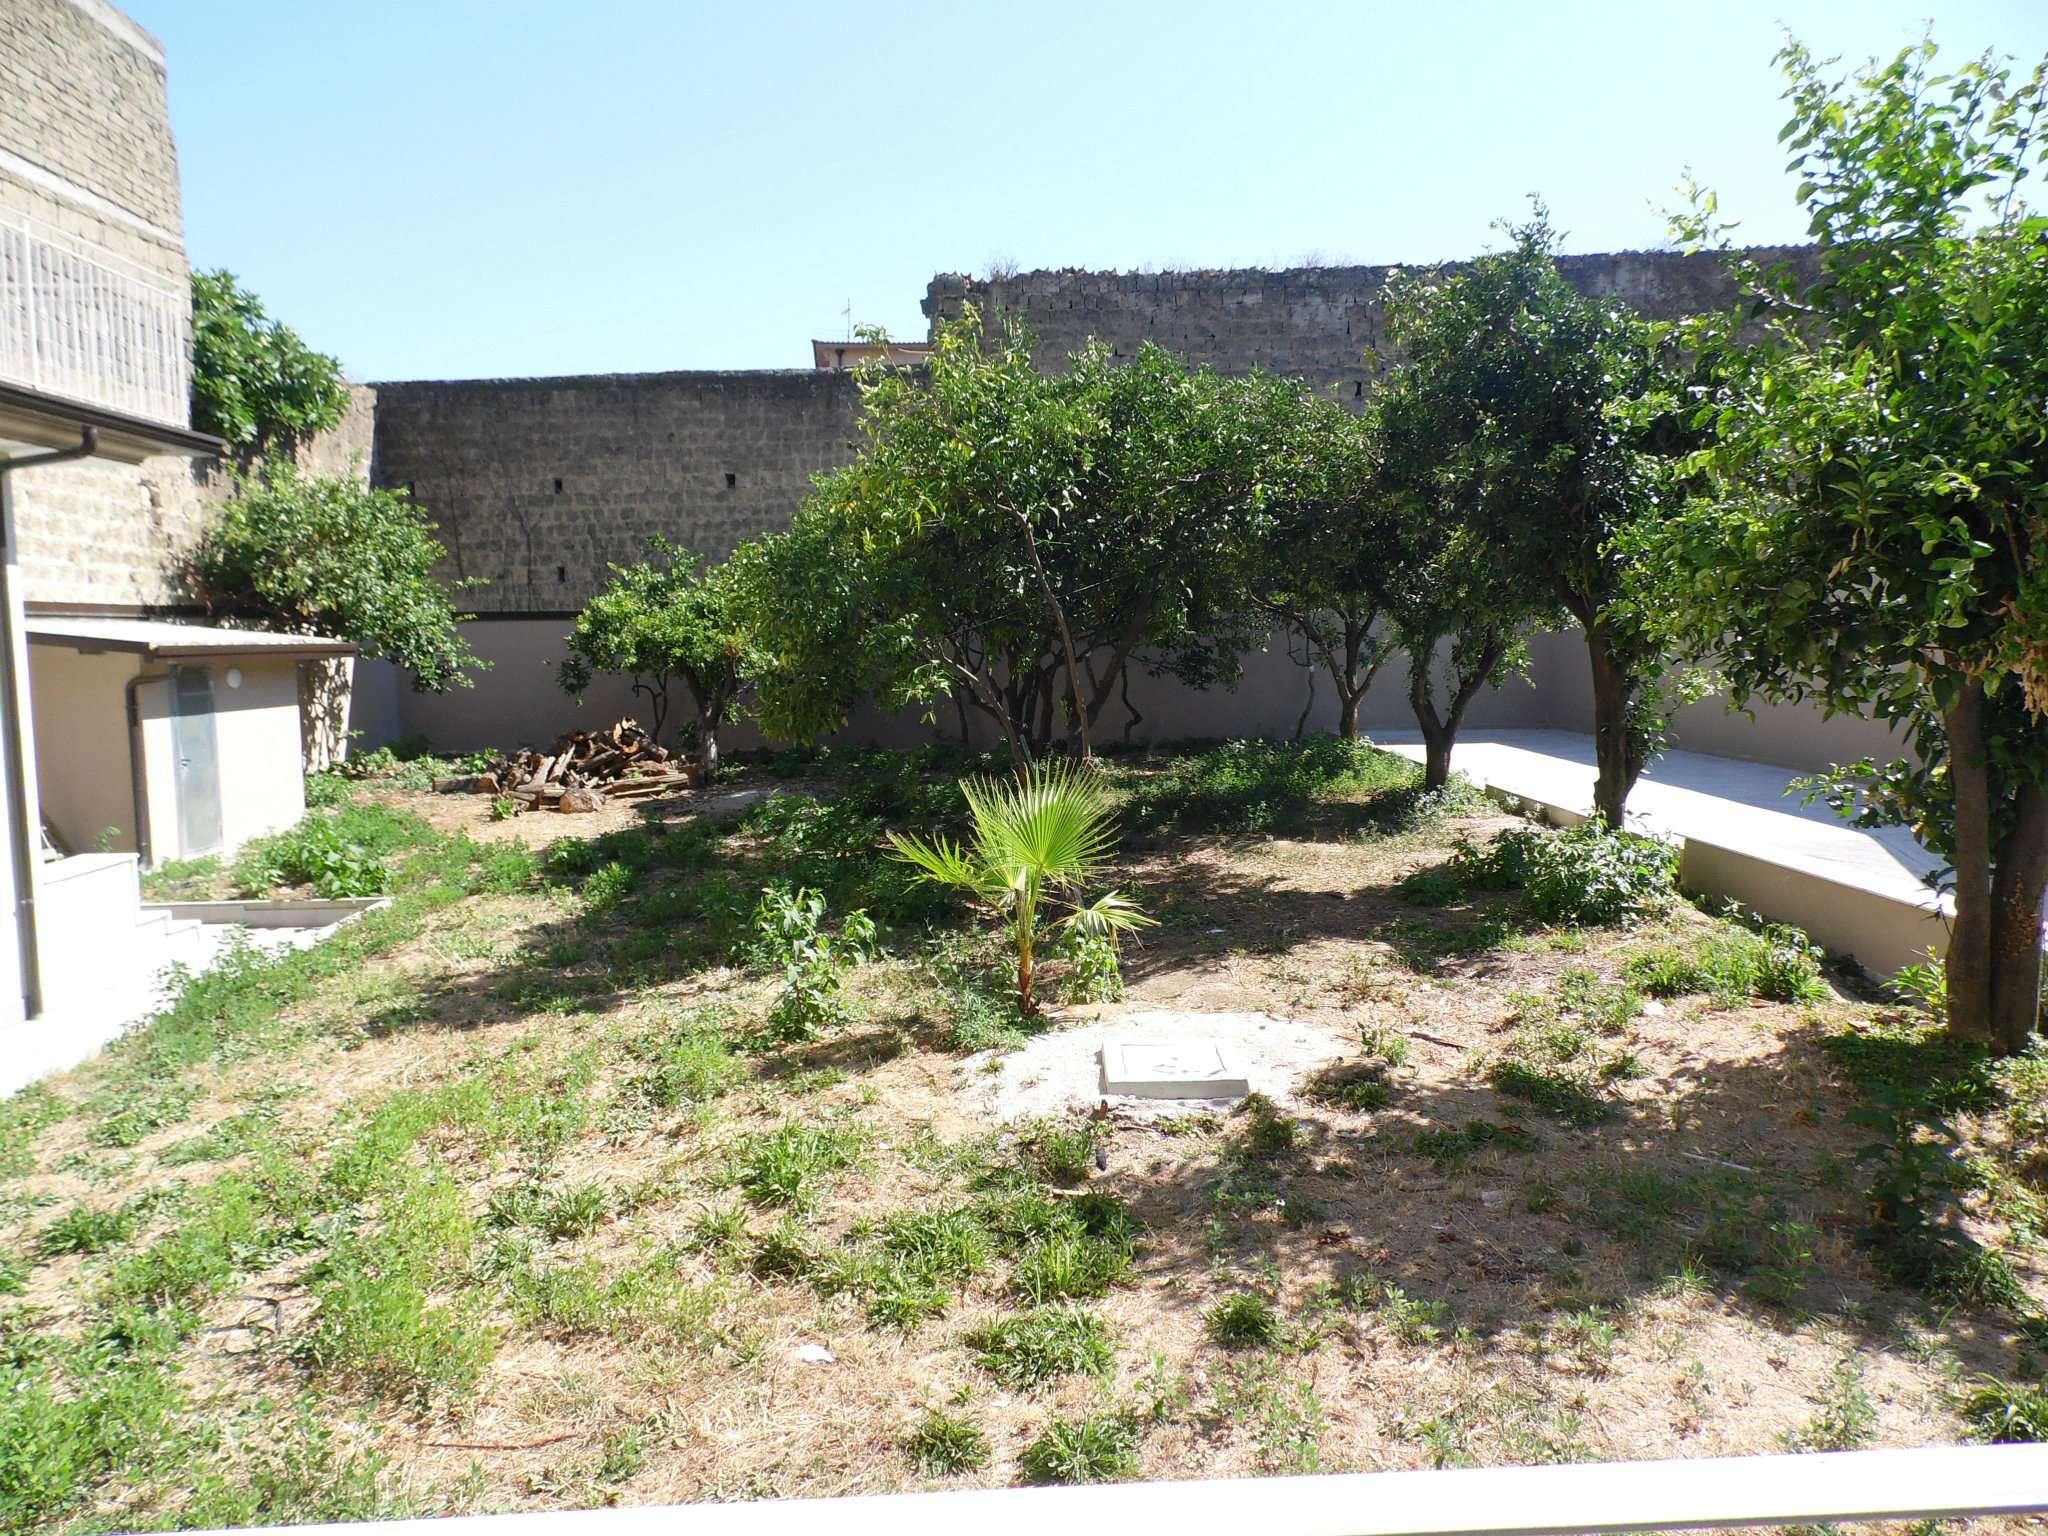 Appartamento in vendita a Marcianise, 3 locali, prezzo € 110.000 | PortaleAgenzieImmobiliari.it